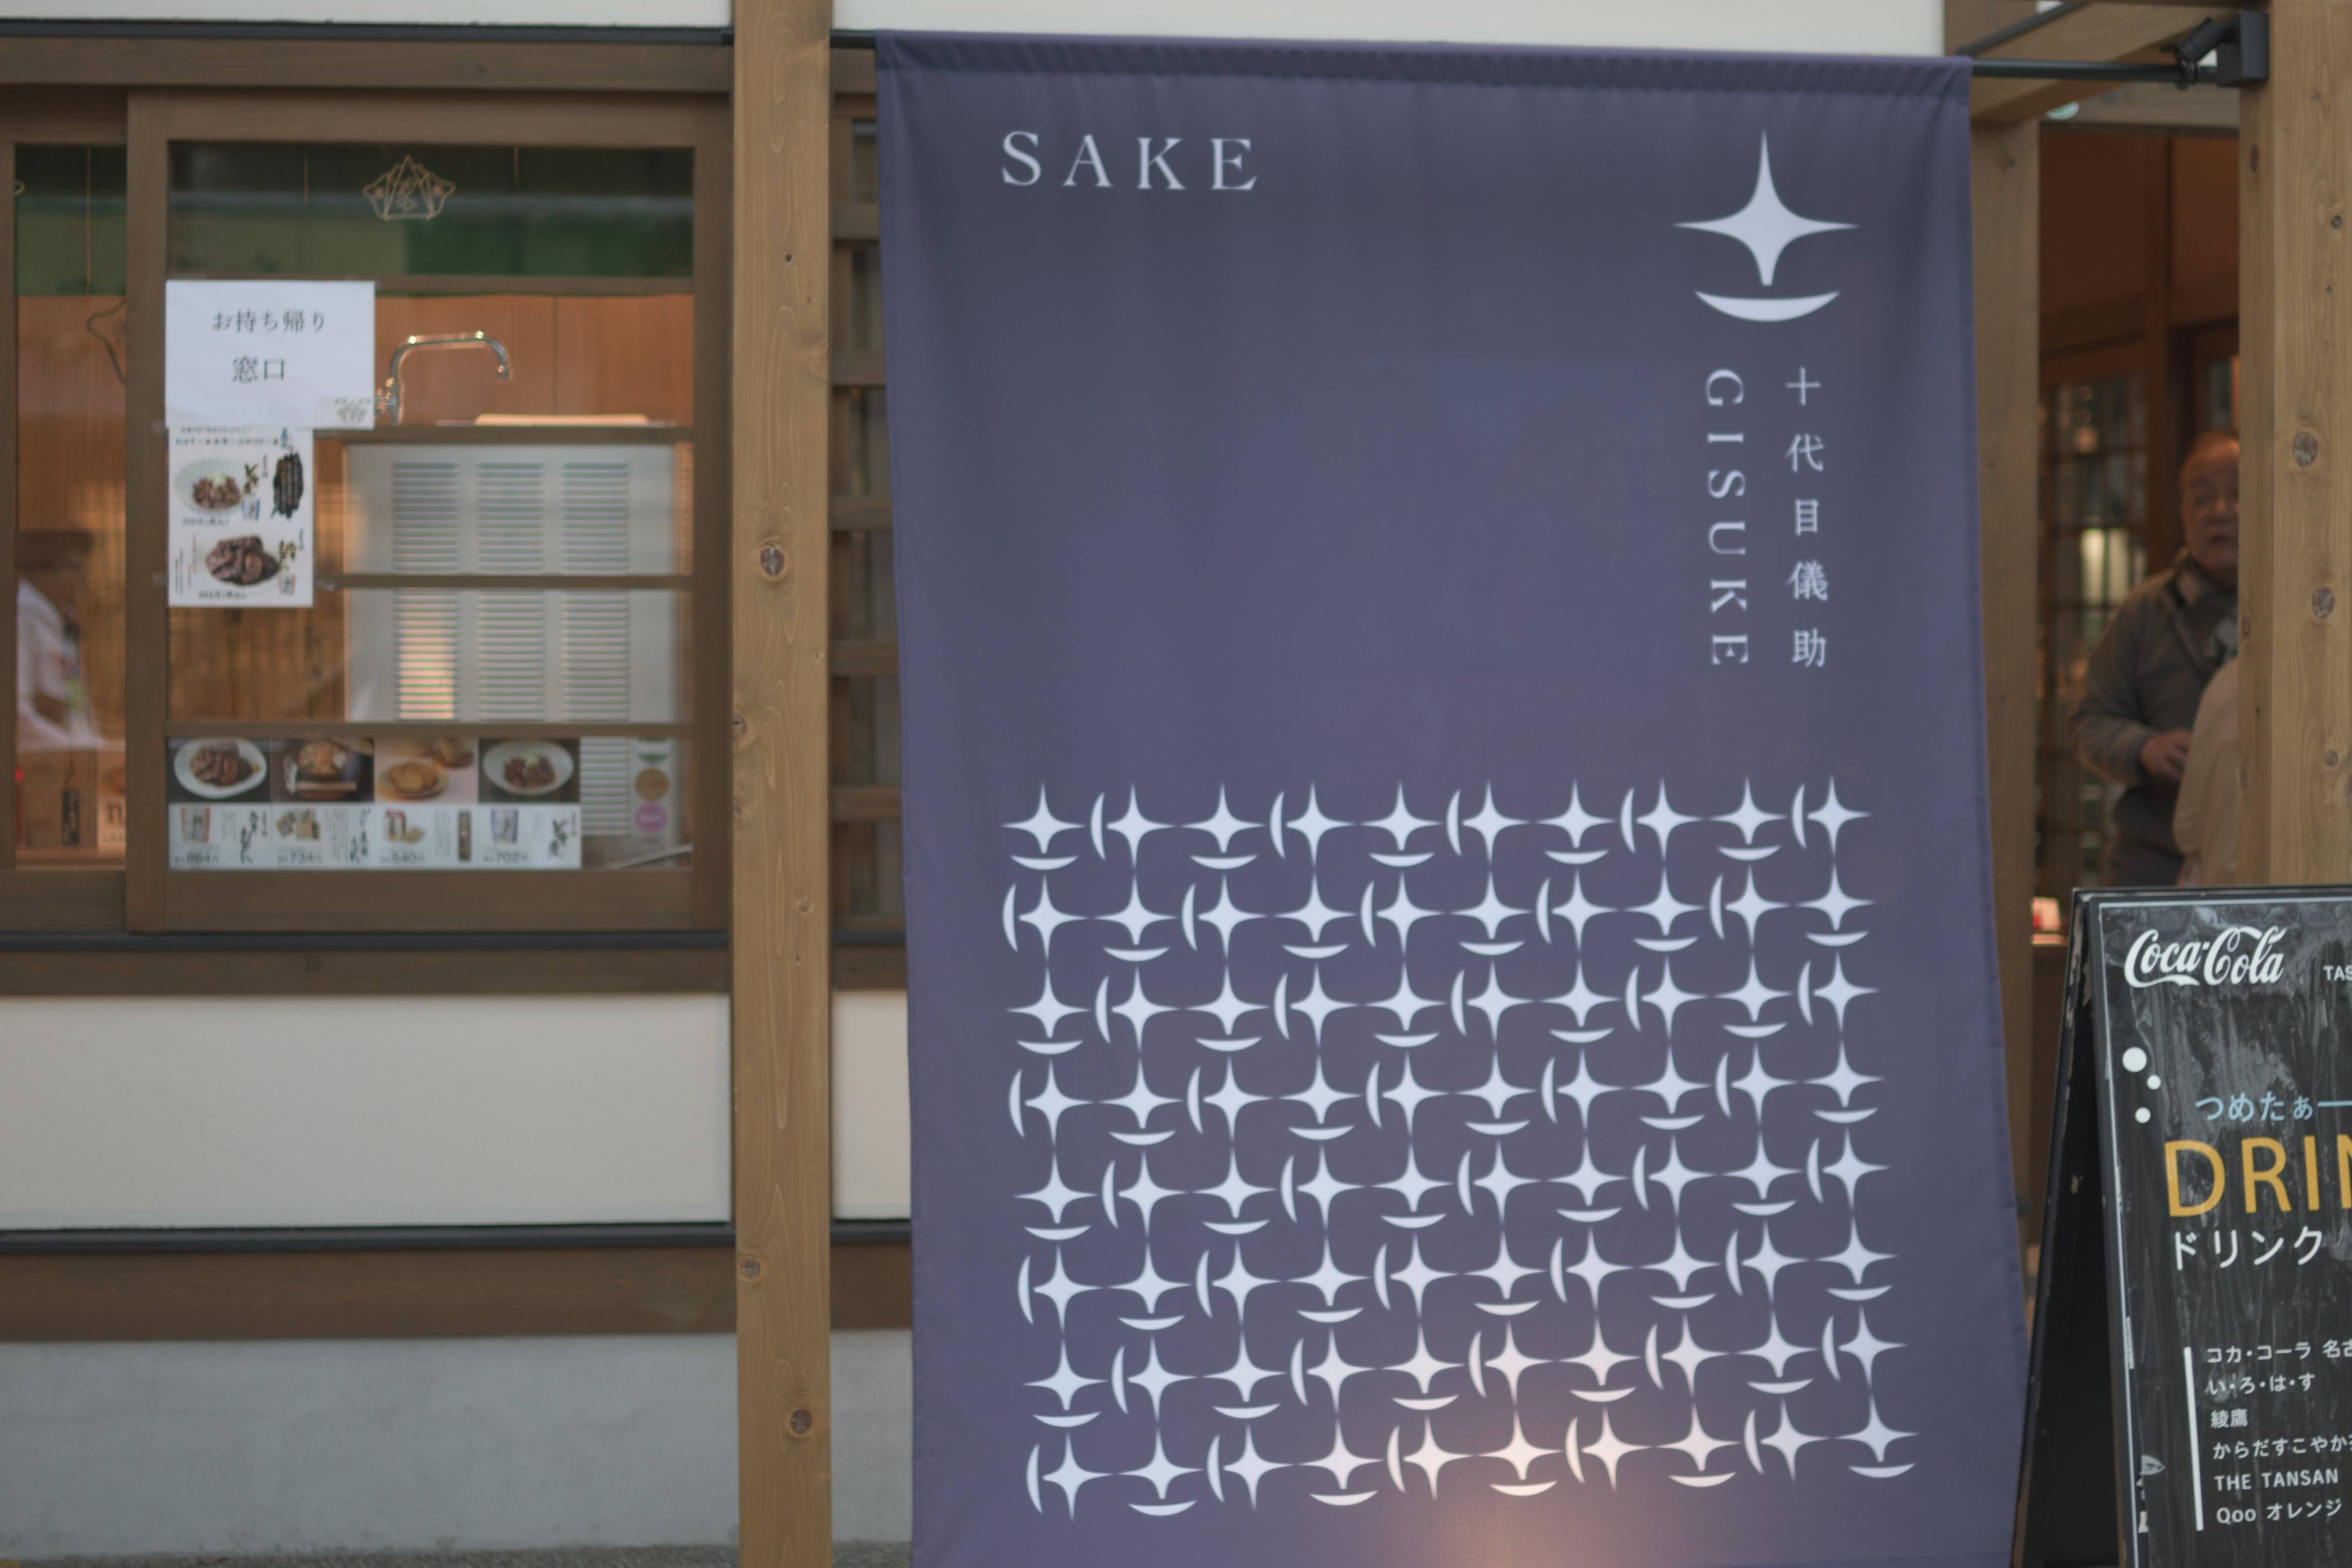 12月16日(日)まで、「名古屋城×NAKED」魅惑の夜景イベントを満喫してきた - DSC2312 min